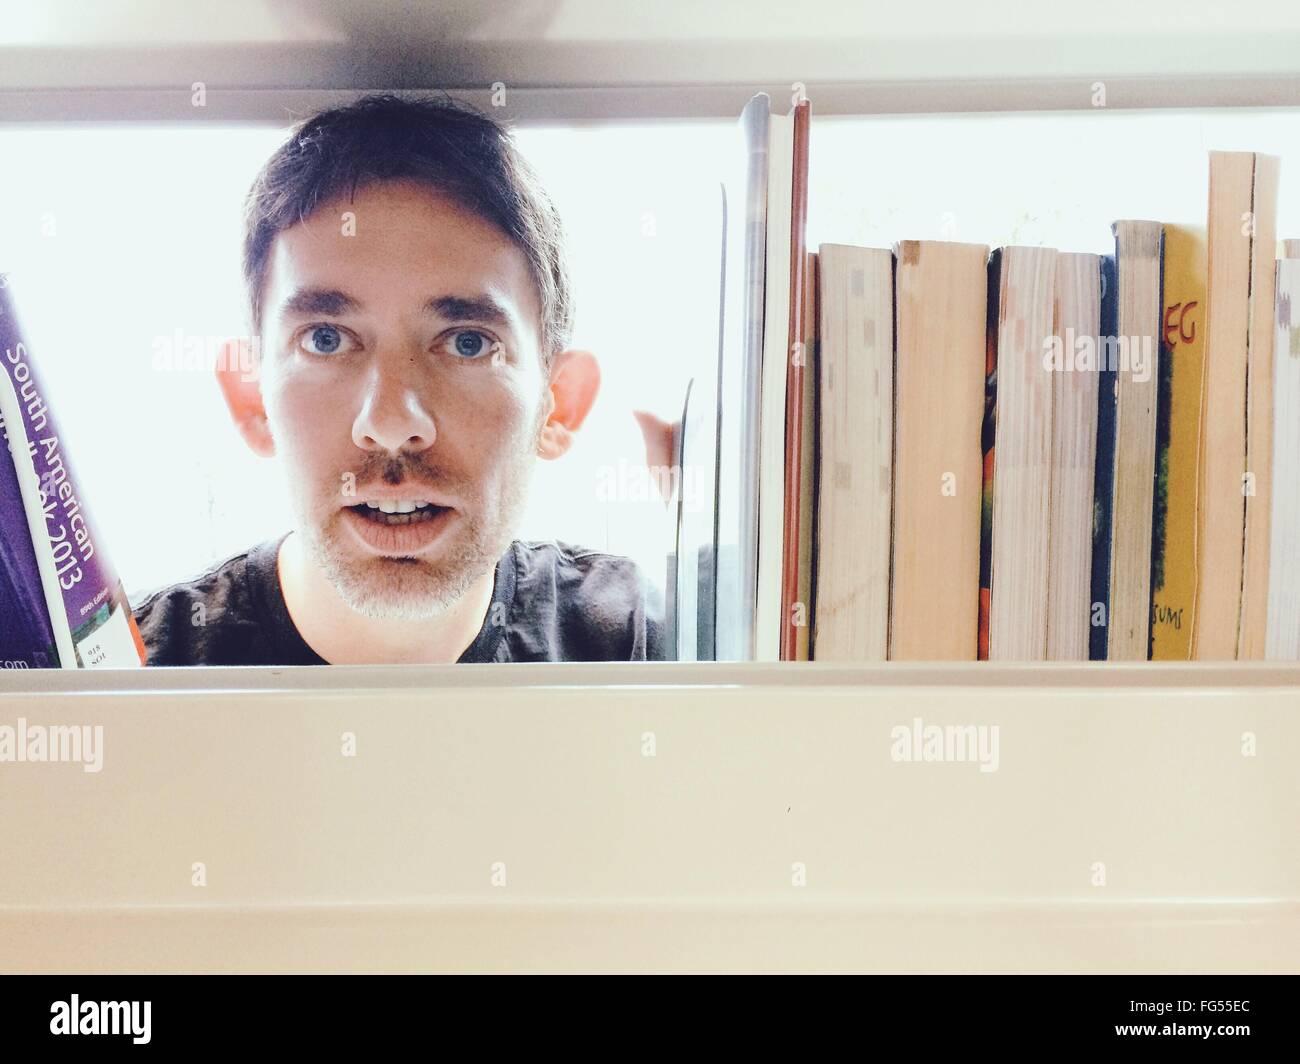 Ritratto di uomo prendendo Prenota da scaffale in libreria Immagini Stock